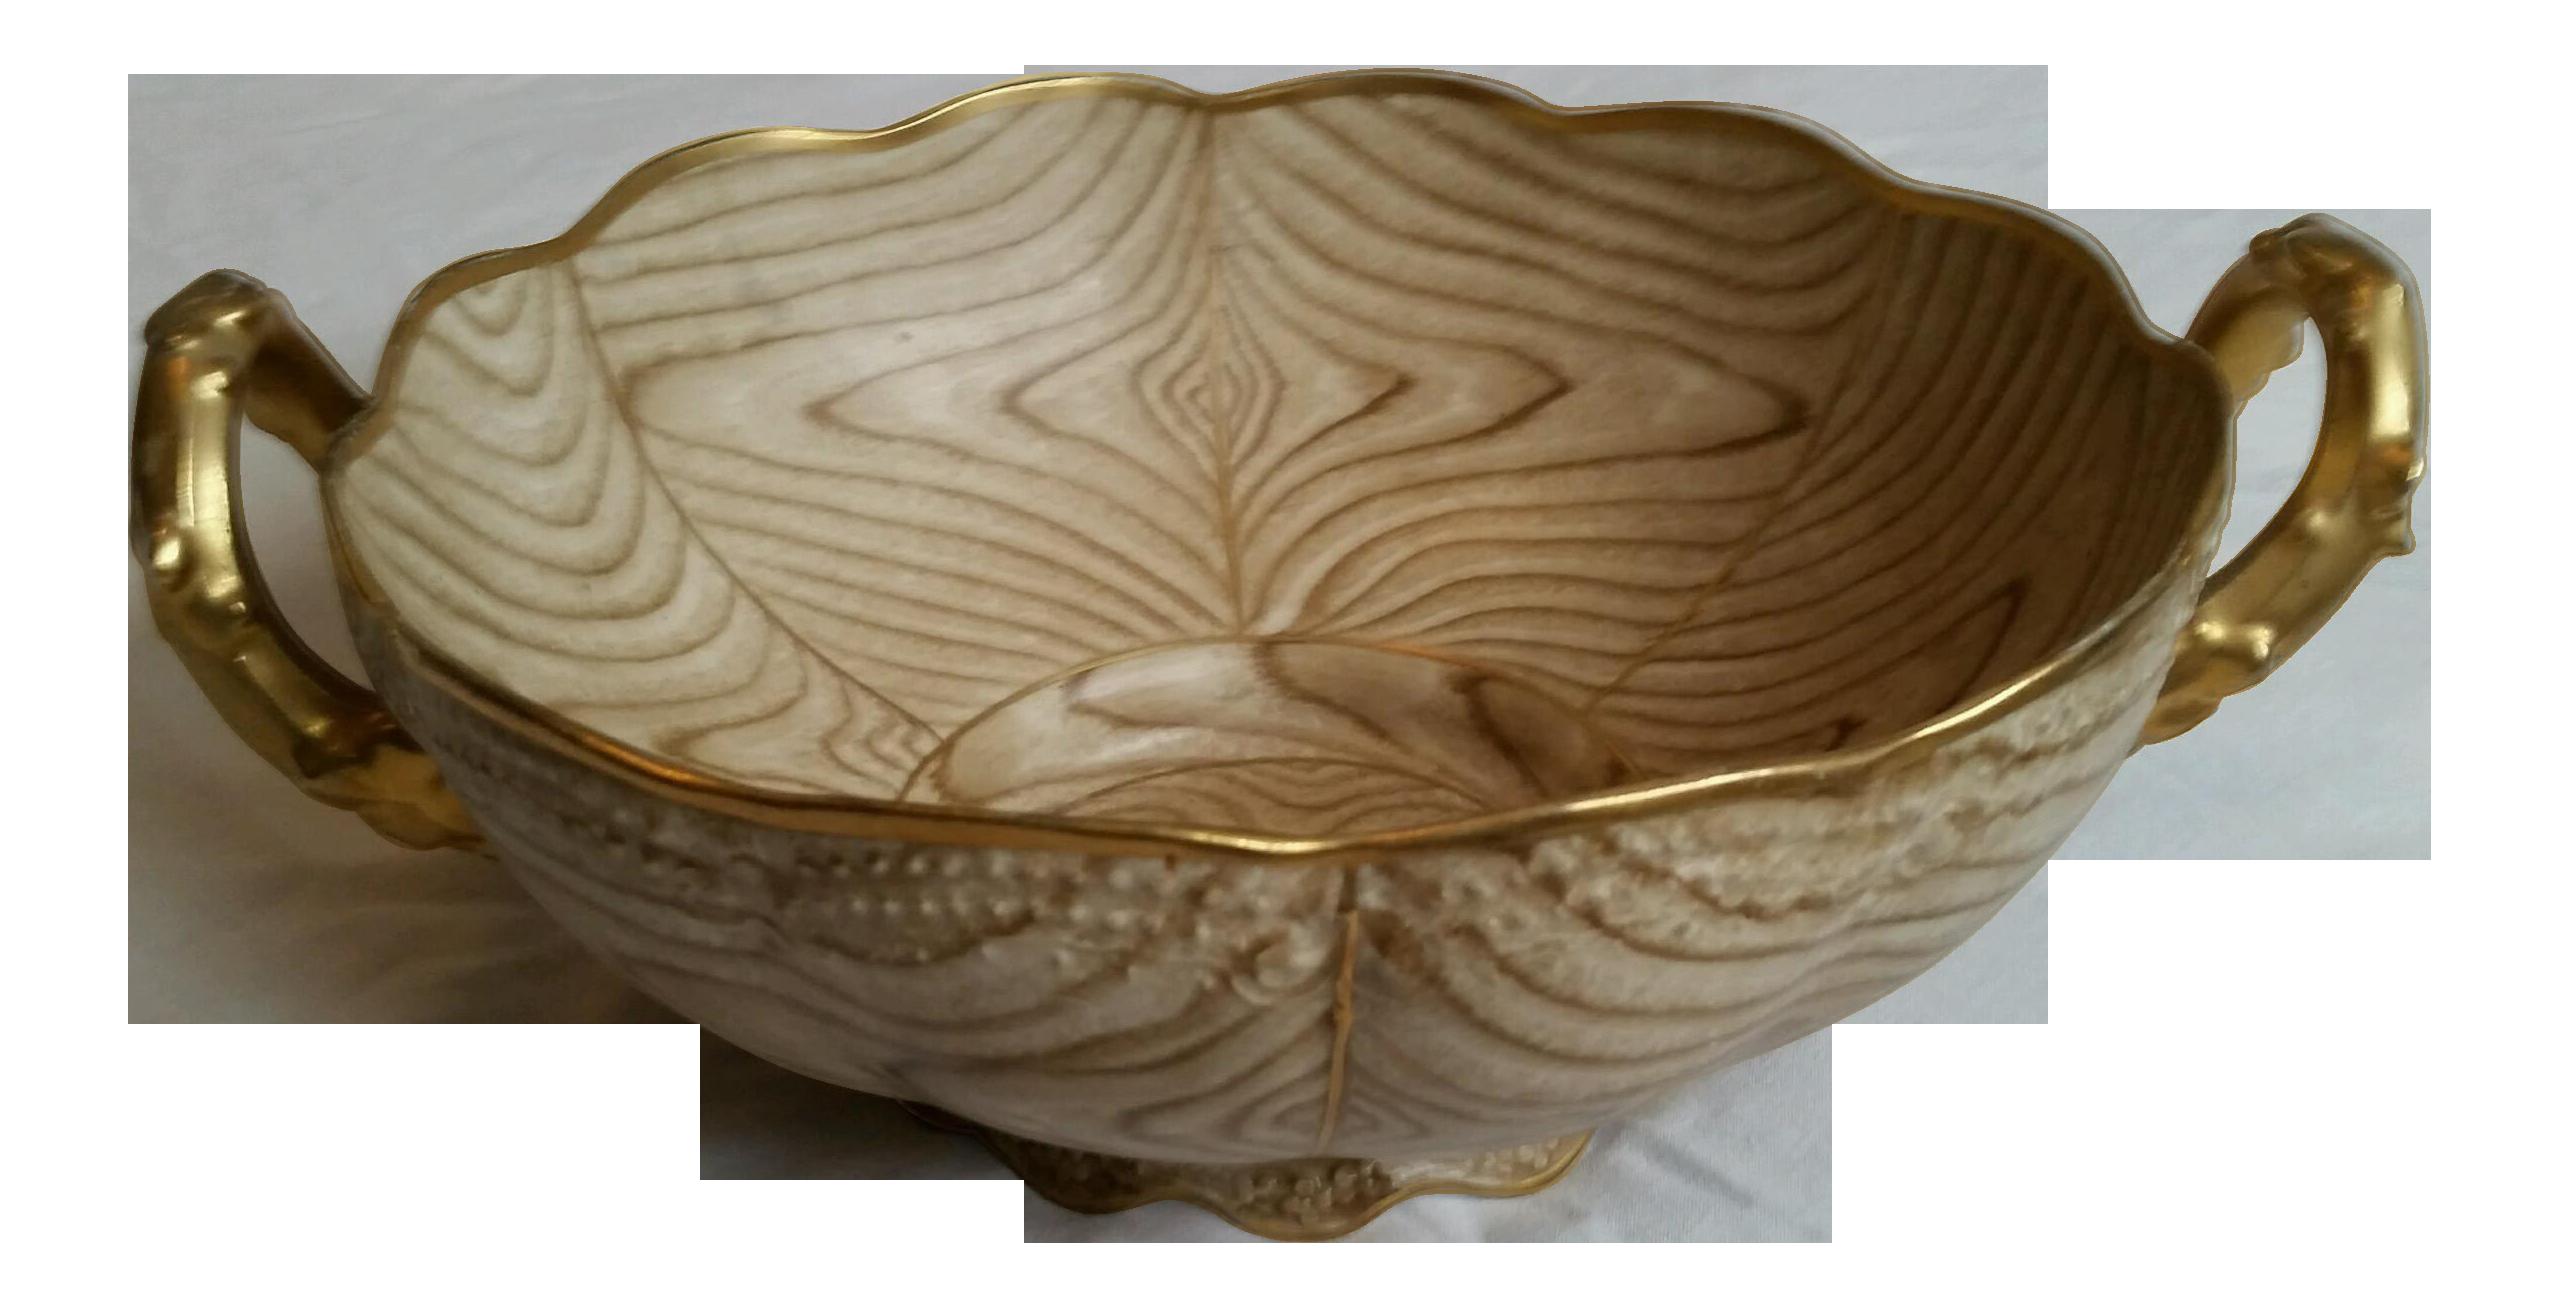 Gilt Faux Bois Porcelain Bowl - Image 1 of 6  sc 1 st  Chairish & Gilt Faux Bois Porcelain Bowl   Chairish